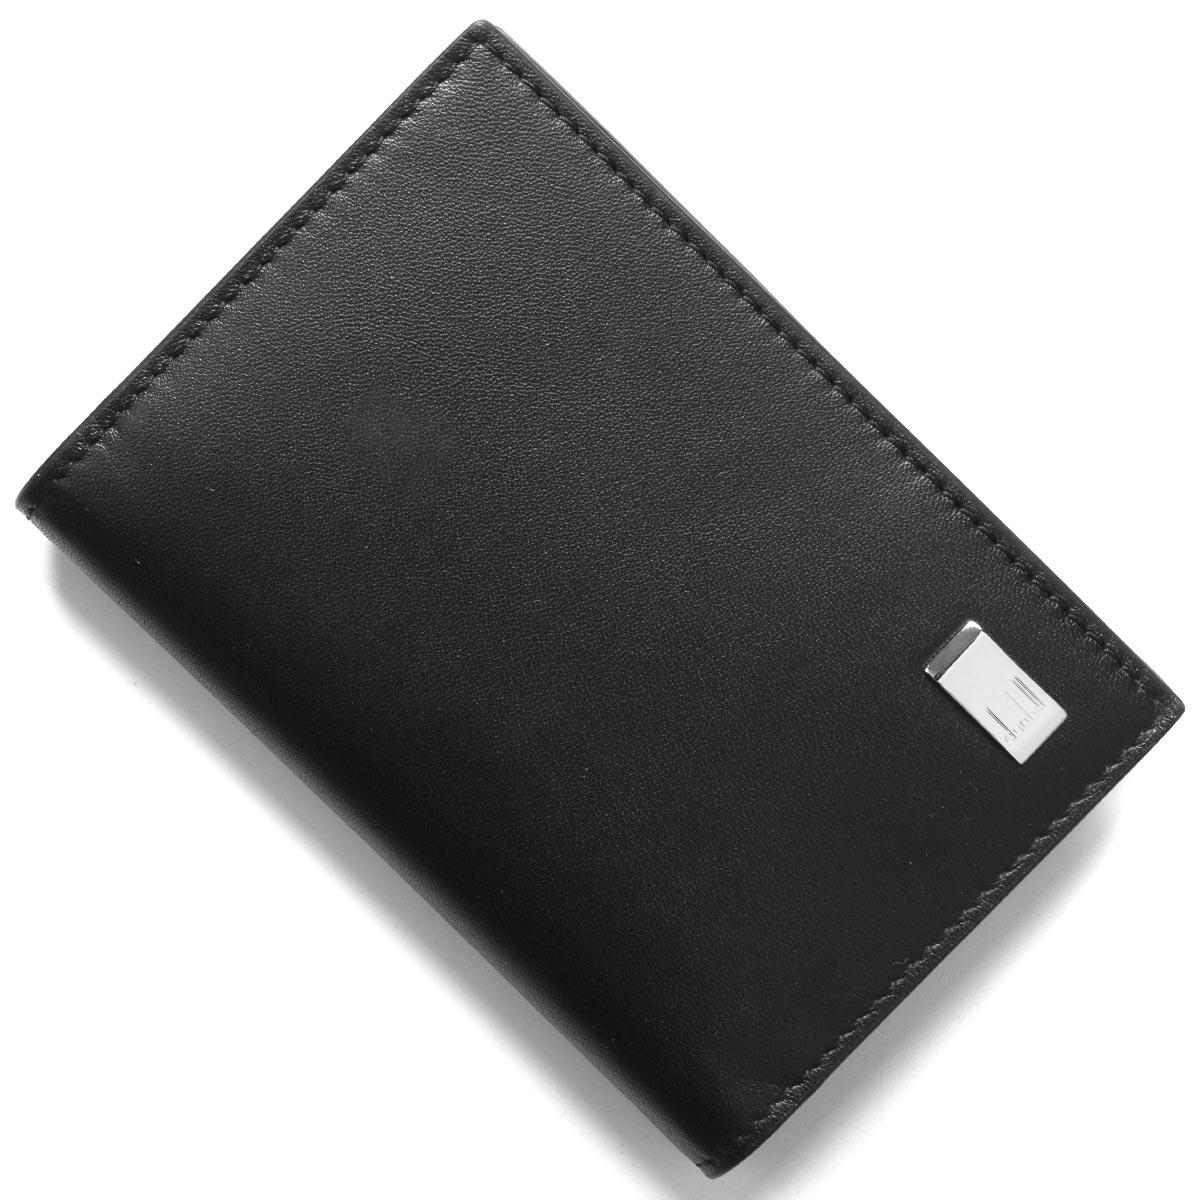 ダンヒル カードケース/名刺入れ メンズ ブラック DU19F2F47AT 001 DUNHILL